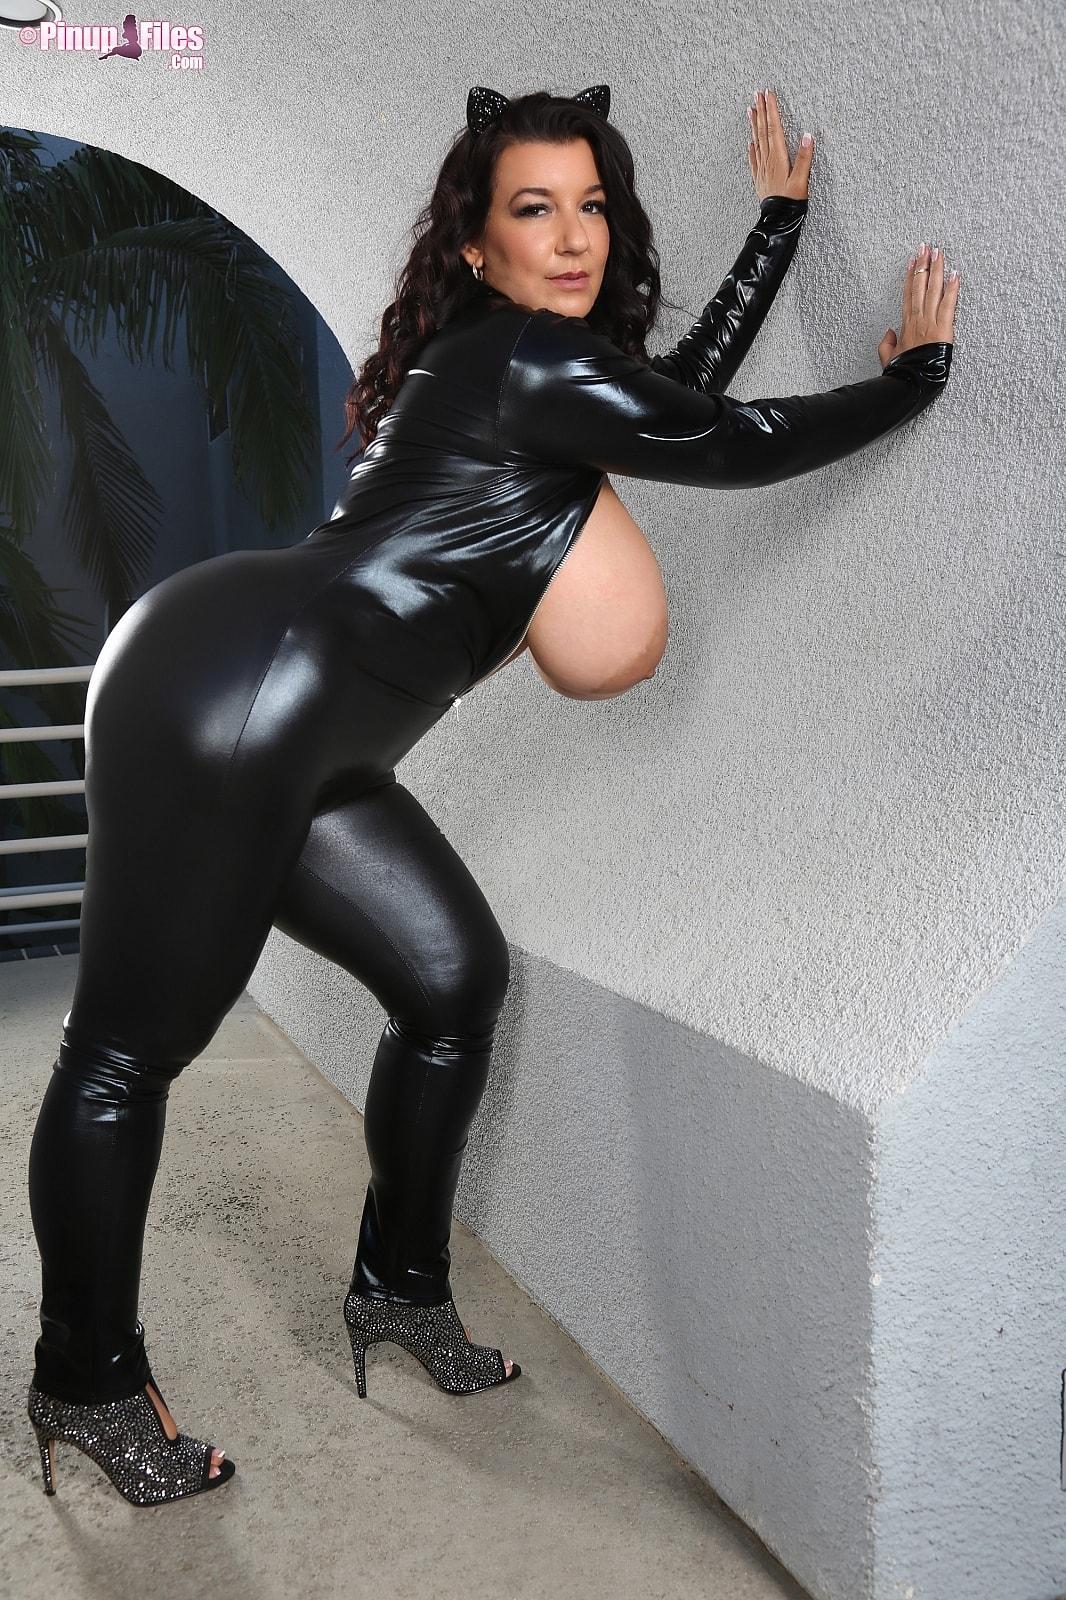 Busty cat woman